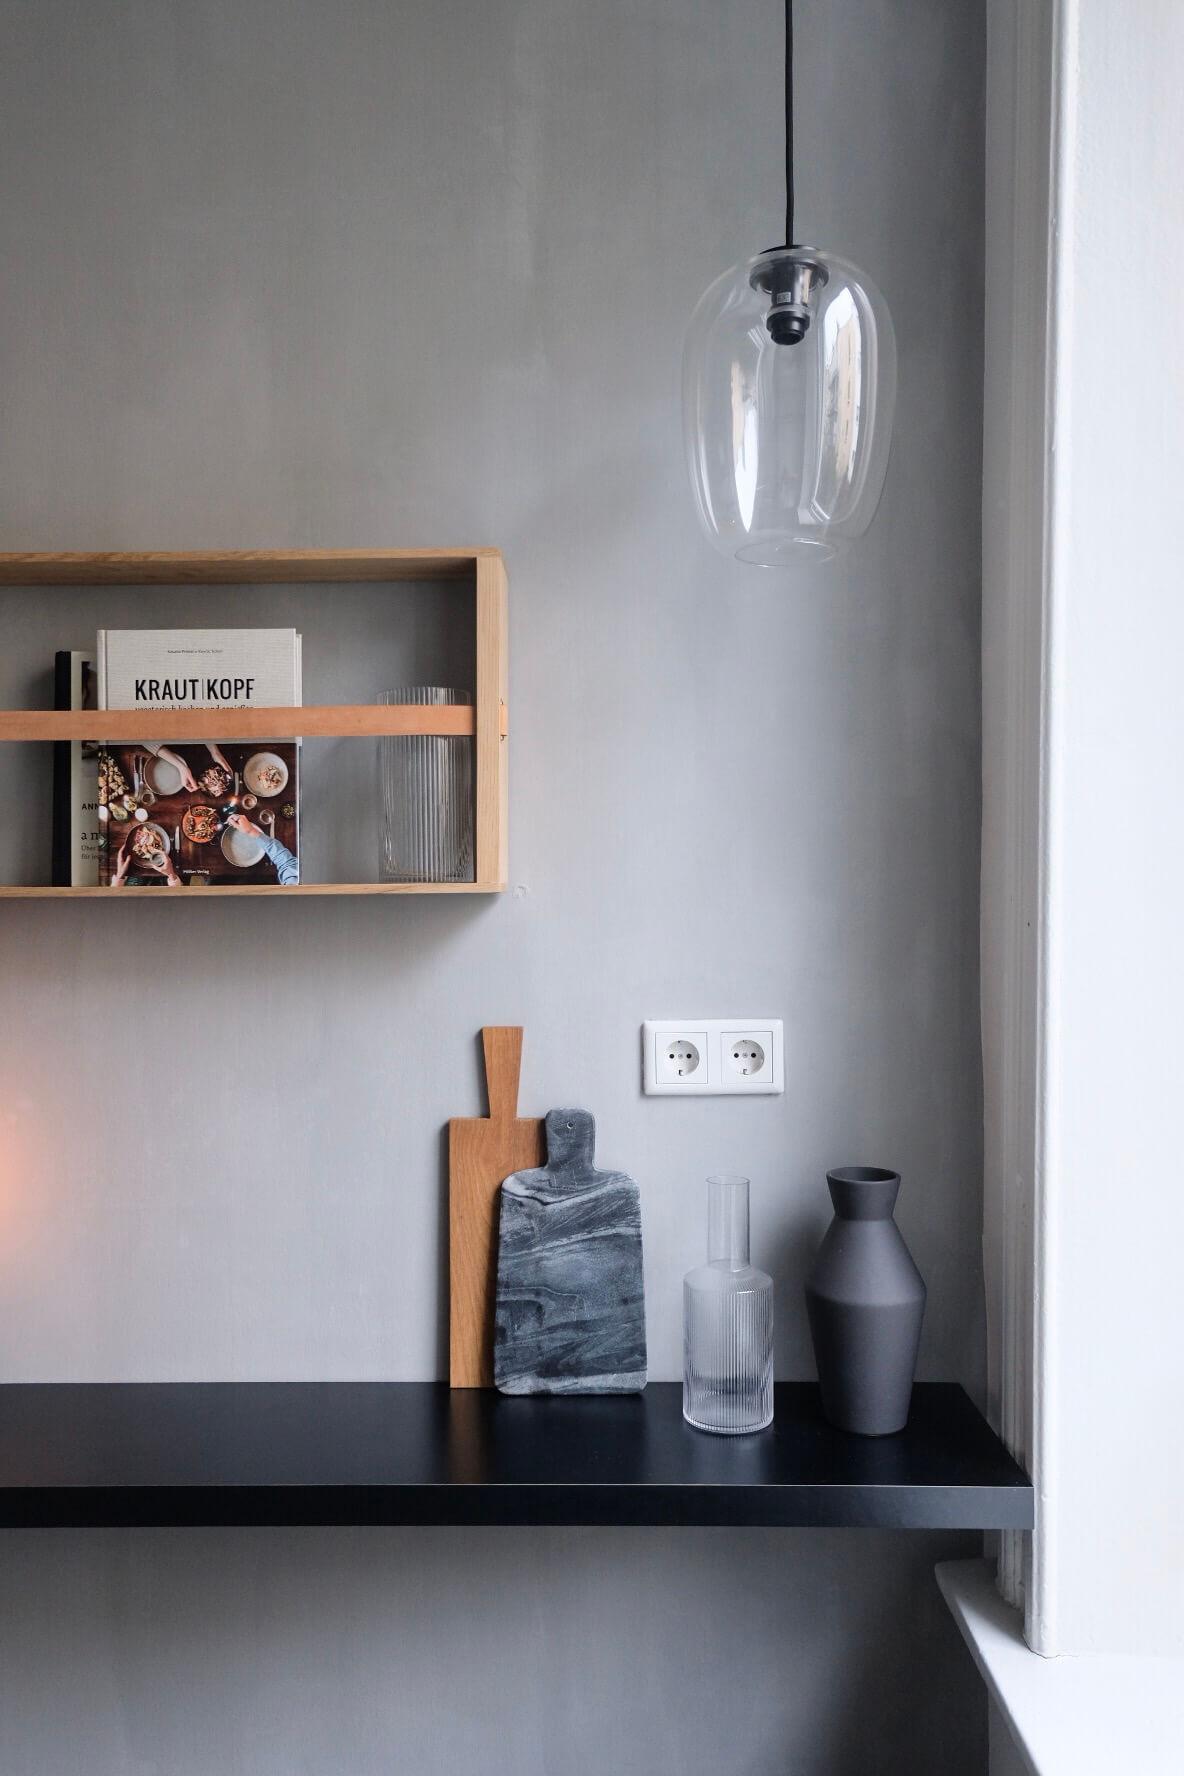 Mein Küchen Makeover mit Kalklitir! | wohn.glück - interior design ...